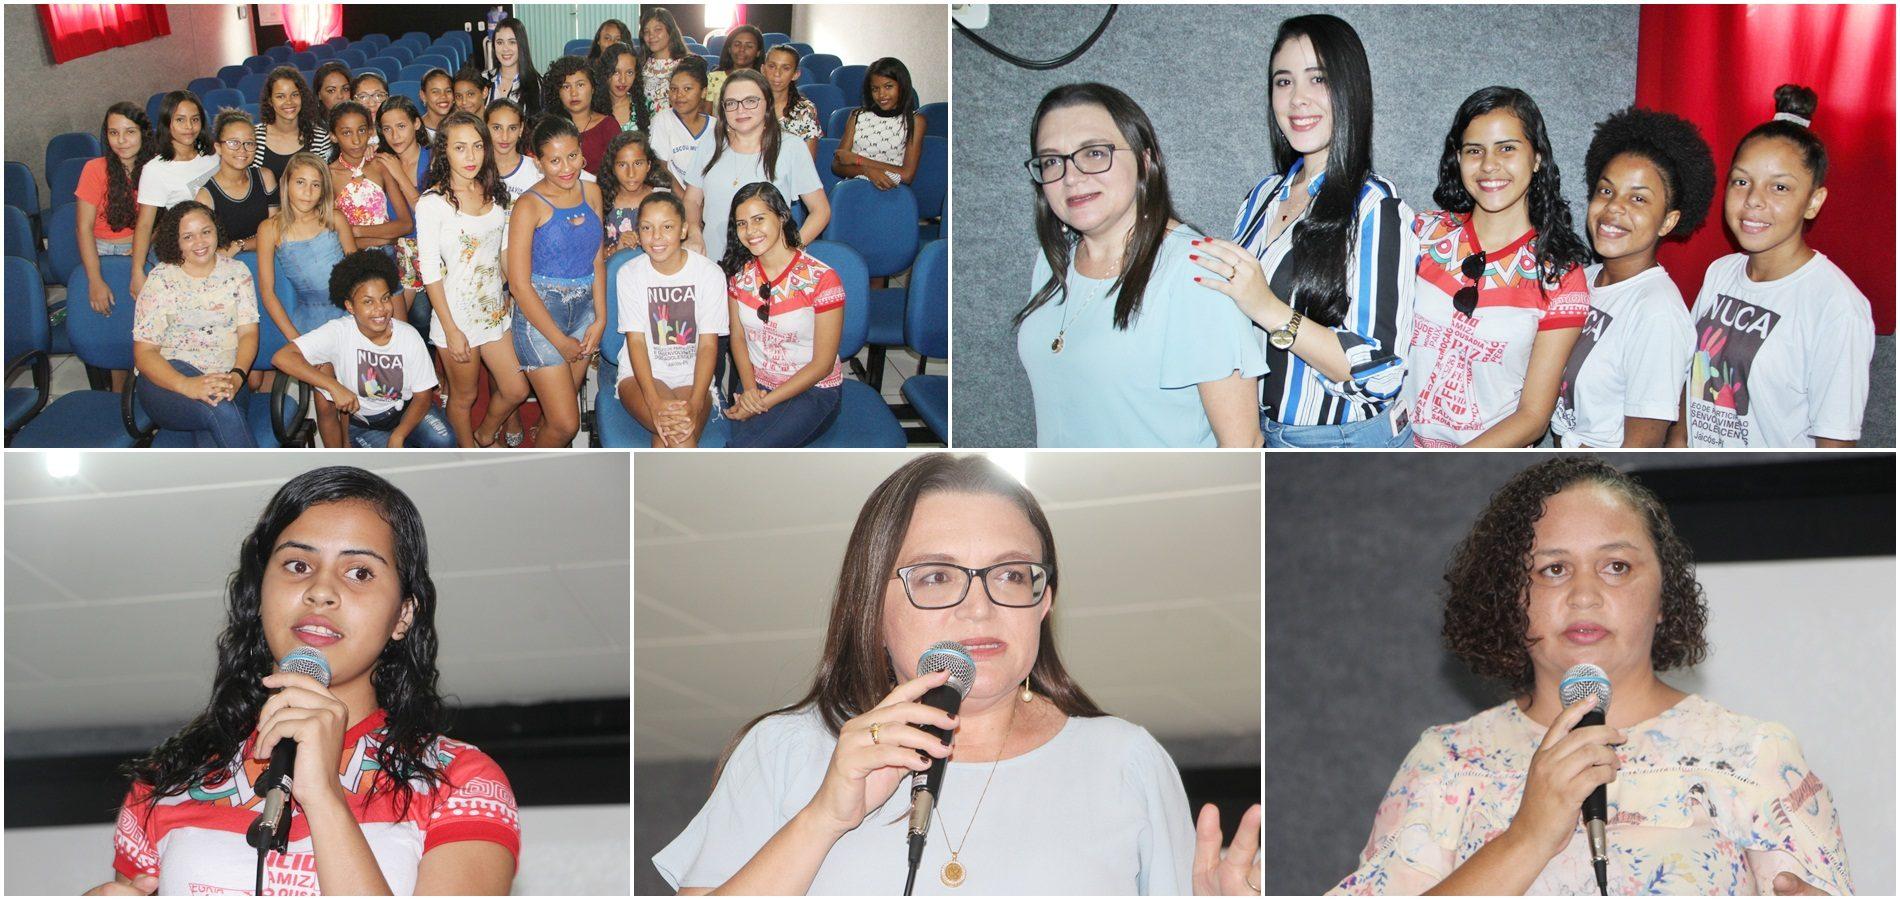 NUCA de Jaicós promove audiência e discute liderança feminina